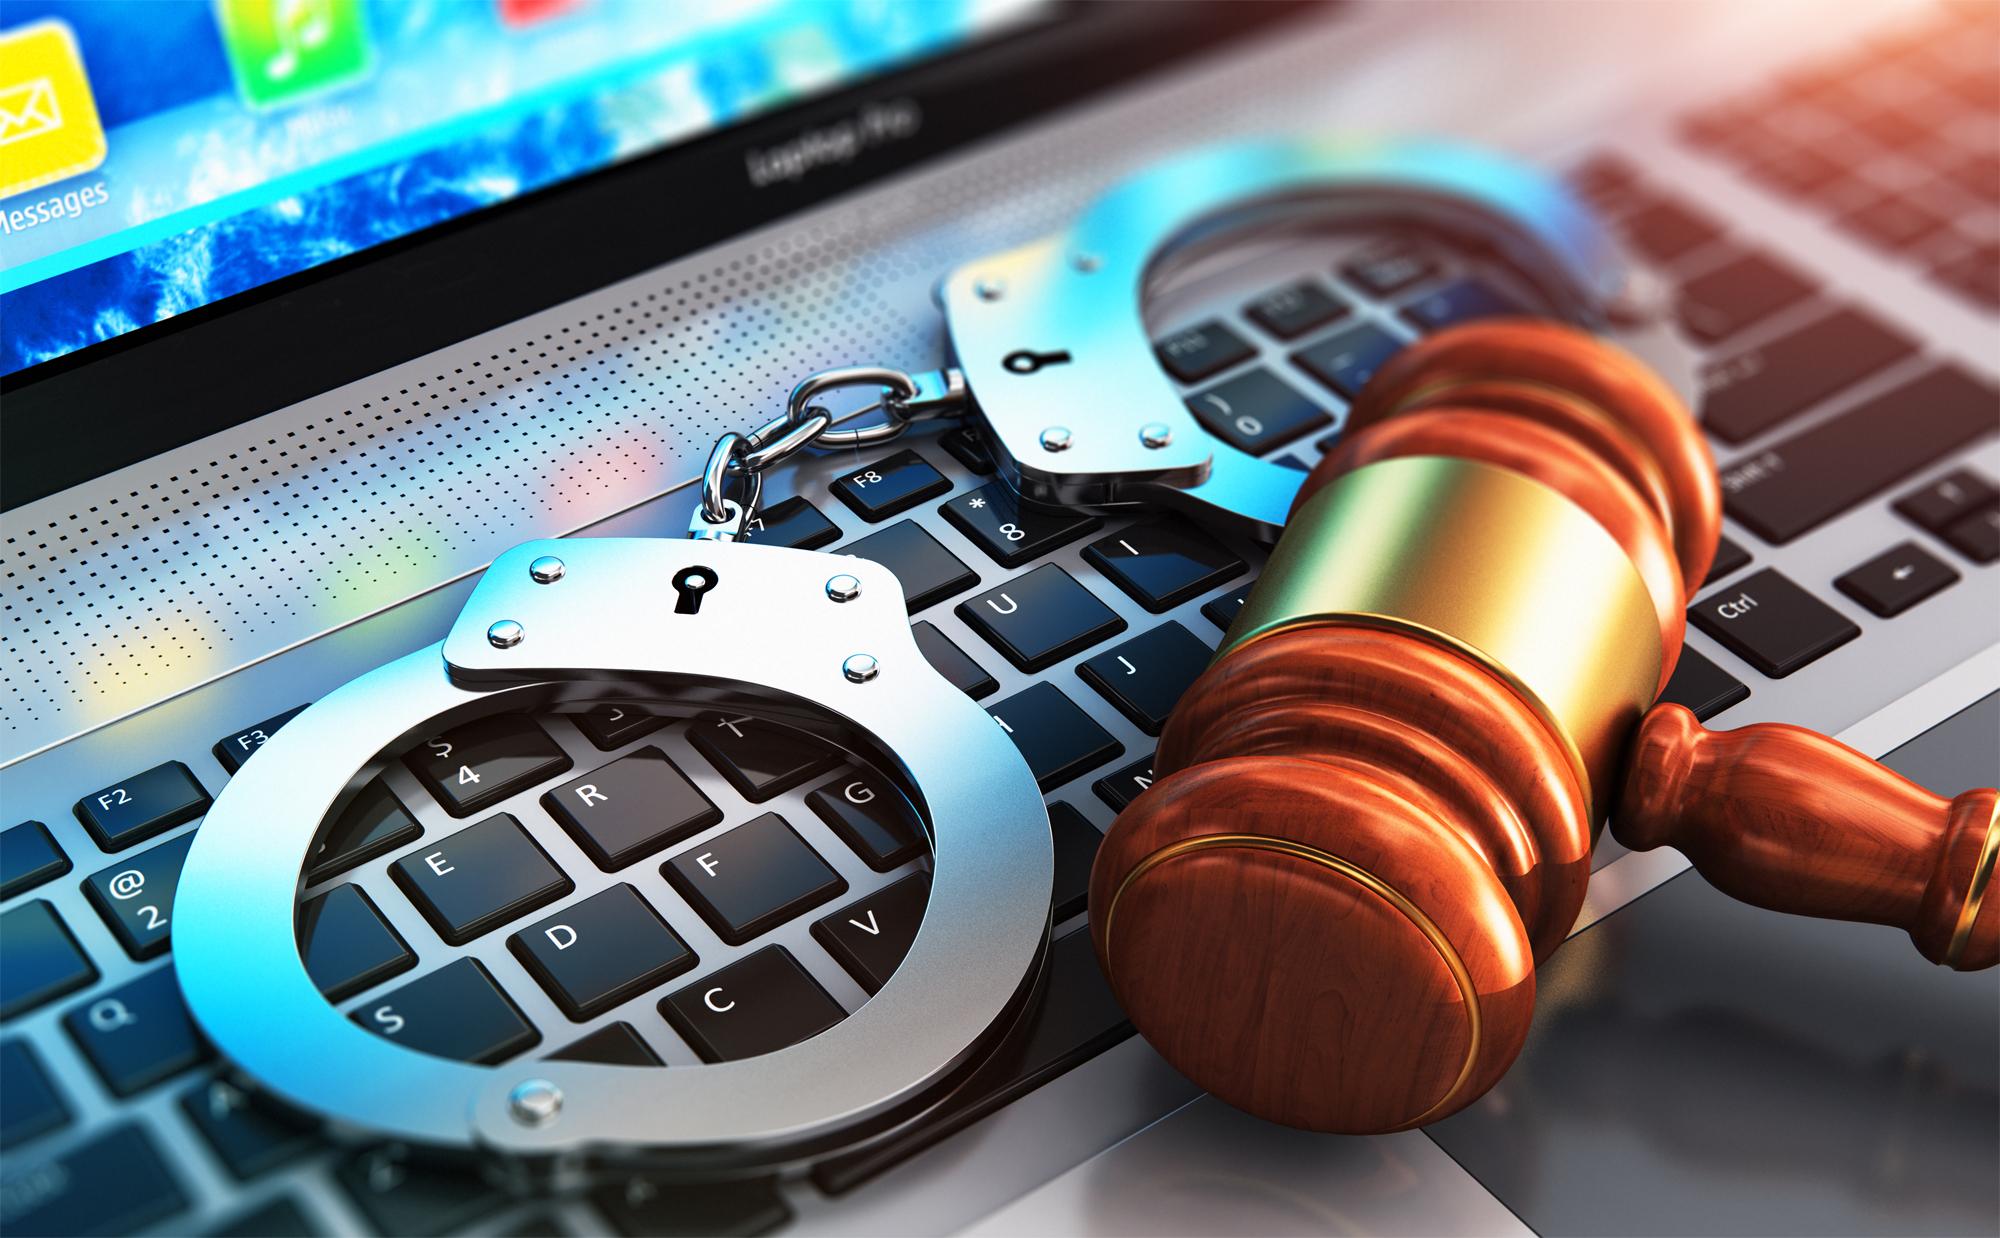 לקוח שהואשם בקבלת דבר במרמה וחדירה לחומר מחשב נוקה מאשמה